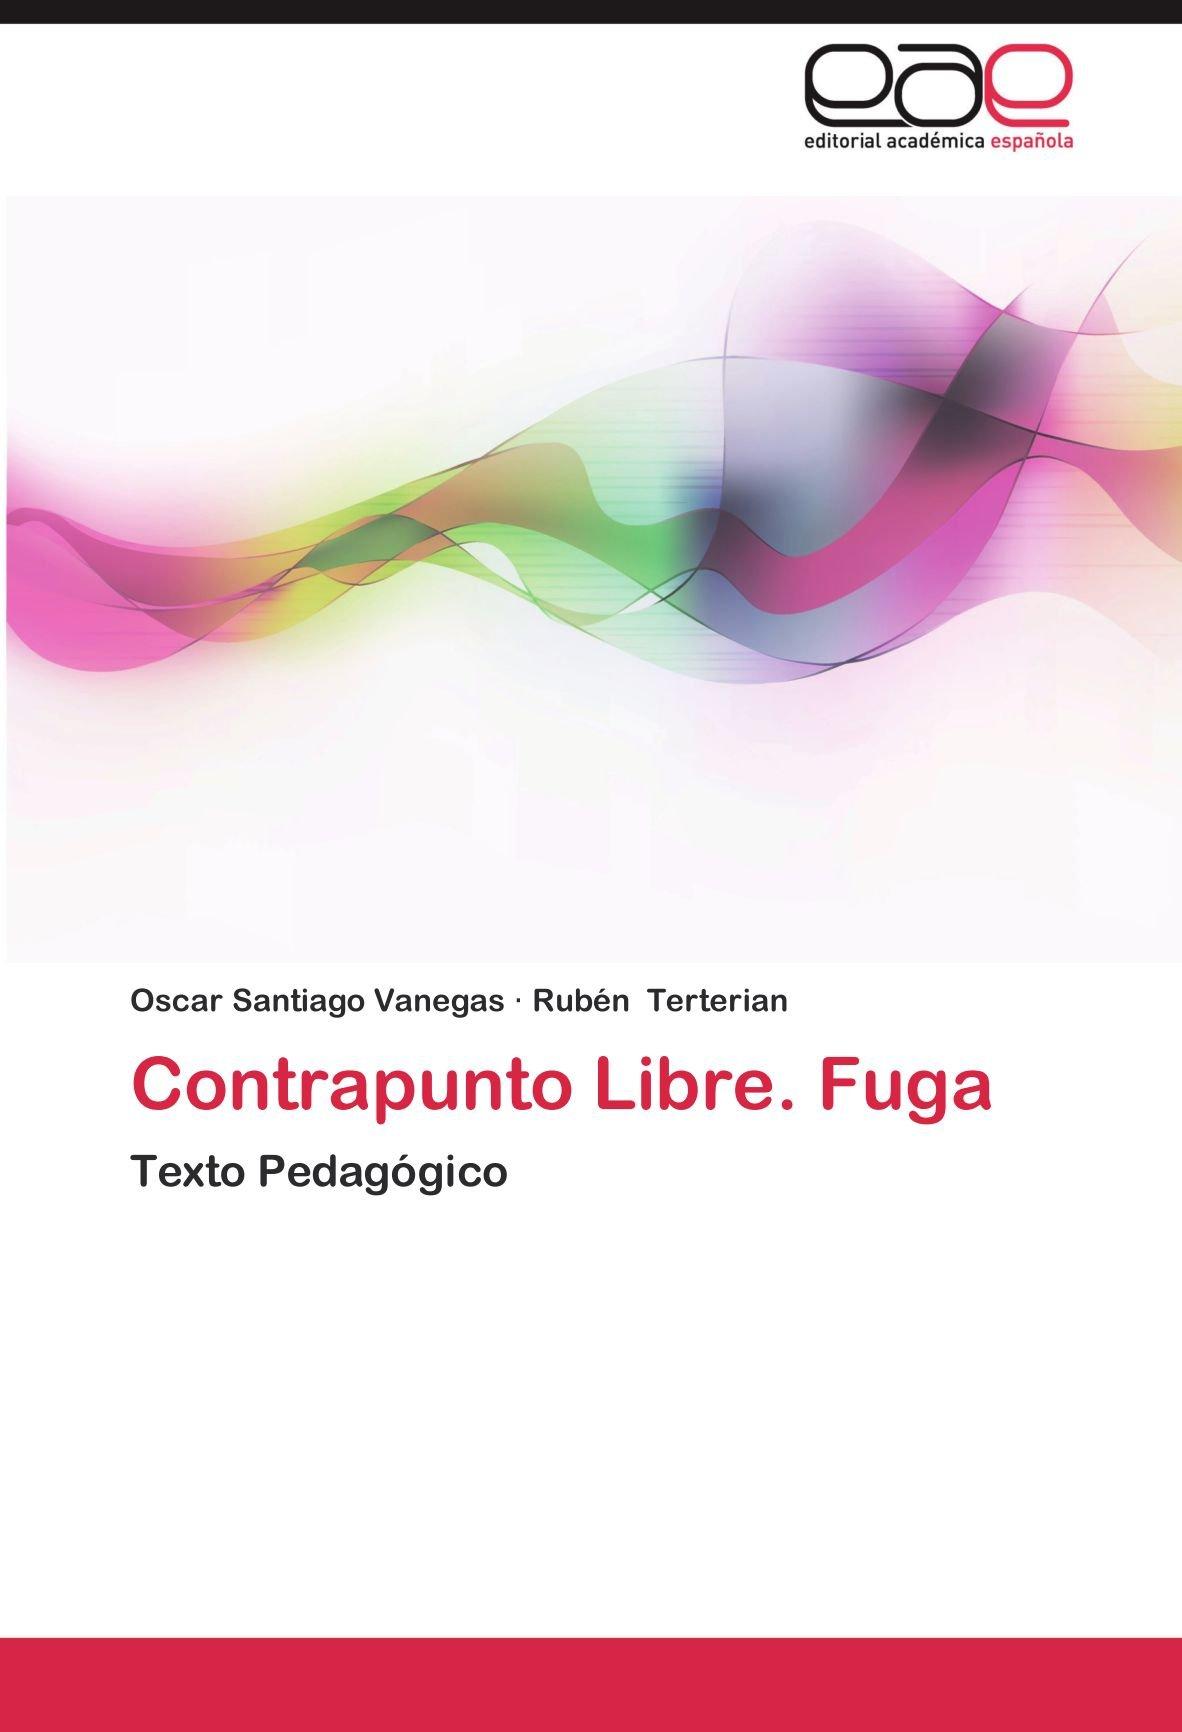 Contrapunto Libre. Fuga: Amazon.es: Oscar Santiago Vanegas, Rub N. Terterian, Ruben Terterian: Libros